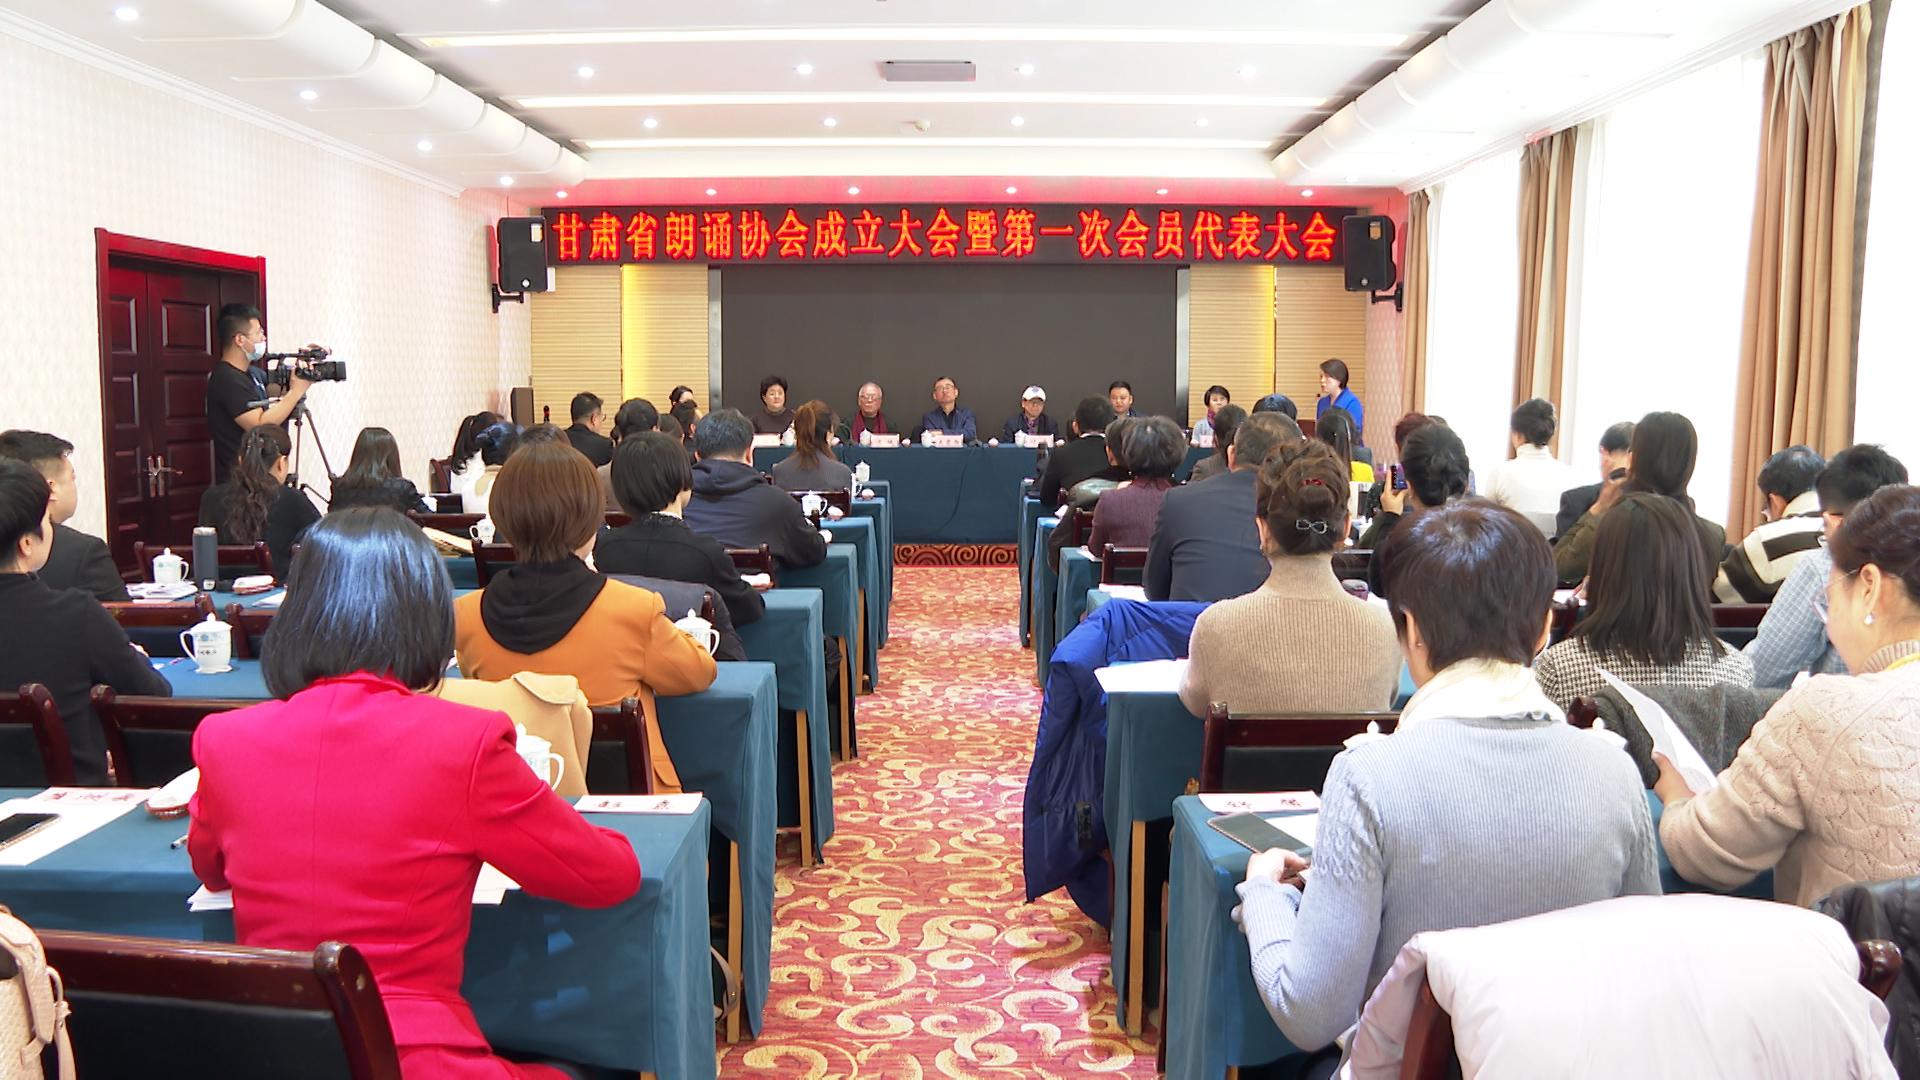 甘肅省朗誦協會成立 王登渤出席大會并致辭 于芳當選主席